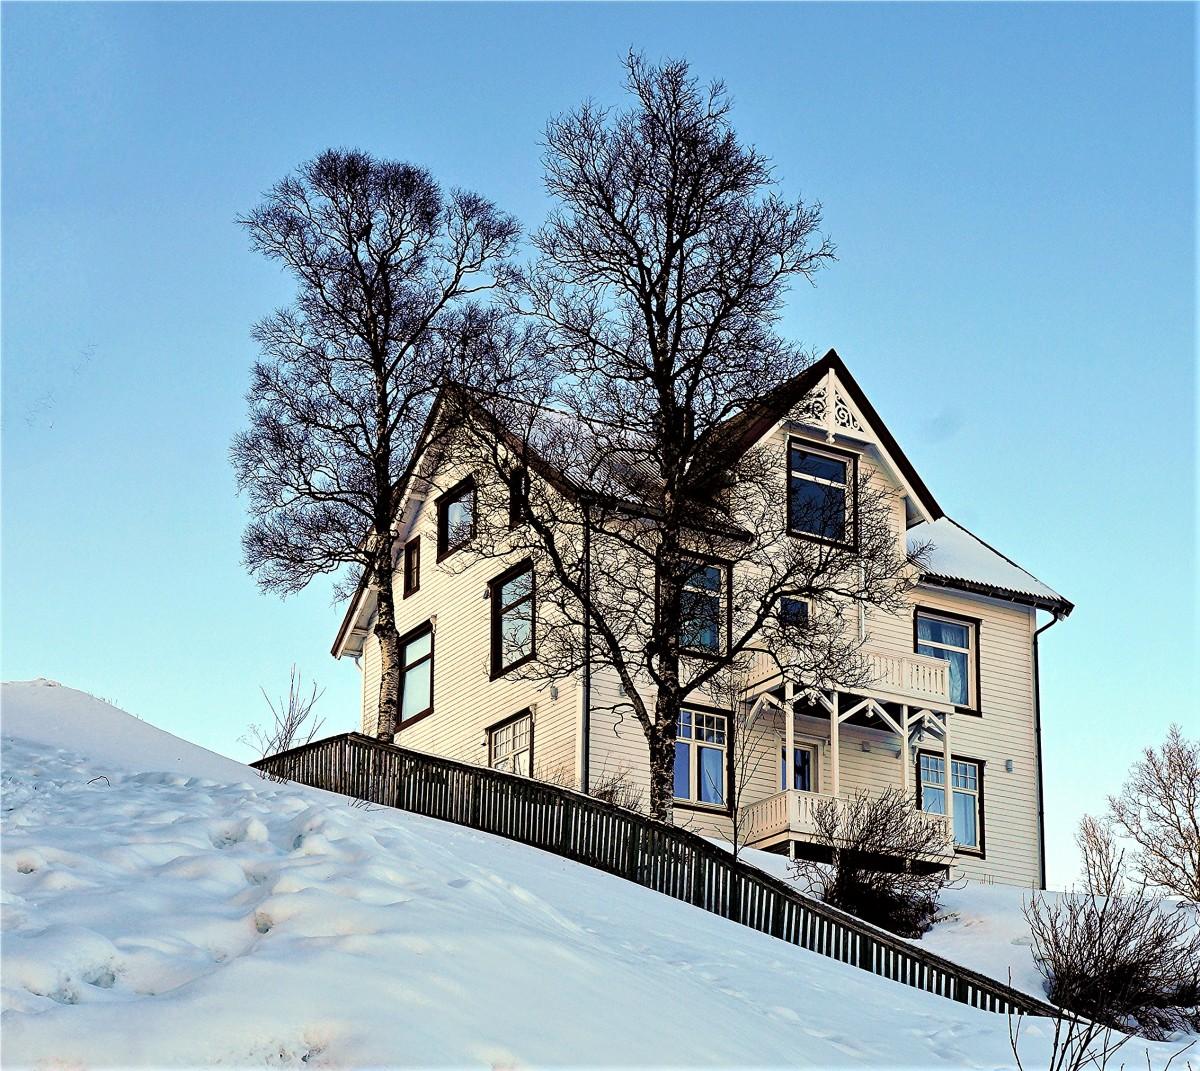 Zdjęcia: Tromsø, Troms, Domek na wzgórzu, NORWEGIA